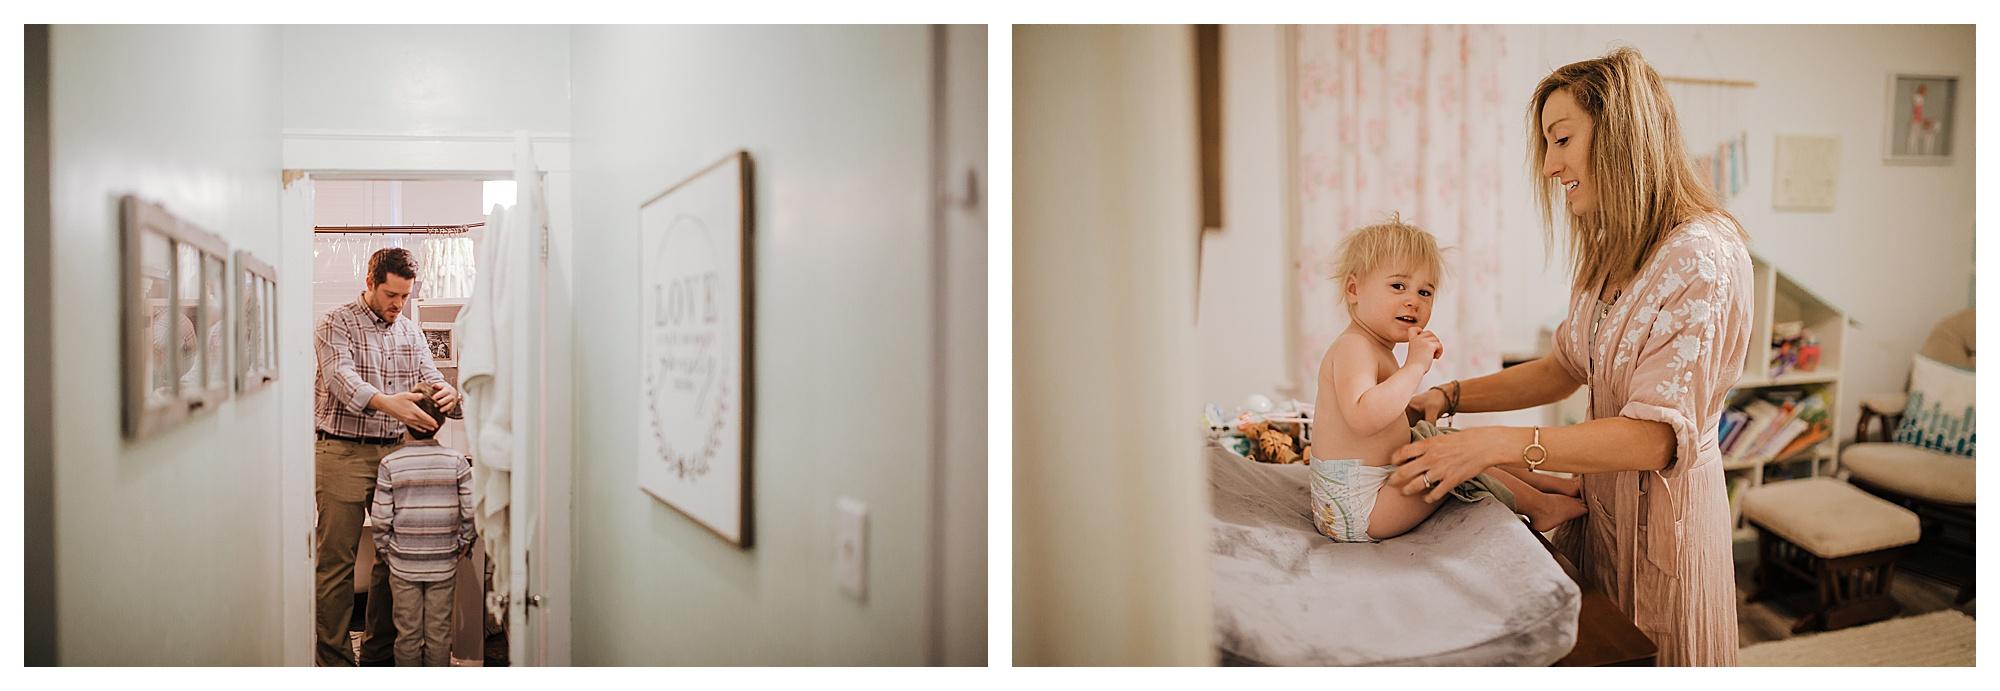 Emily Lapish Photo + Film documentary adoption photography_0001.jpg